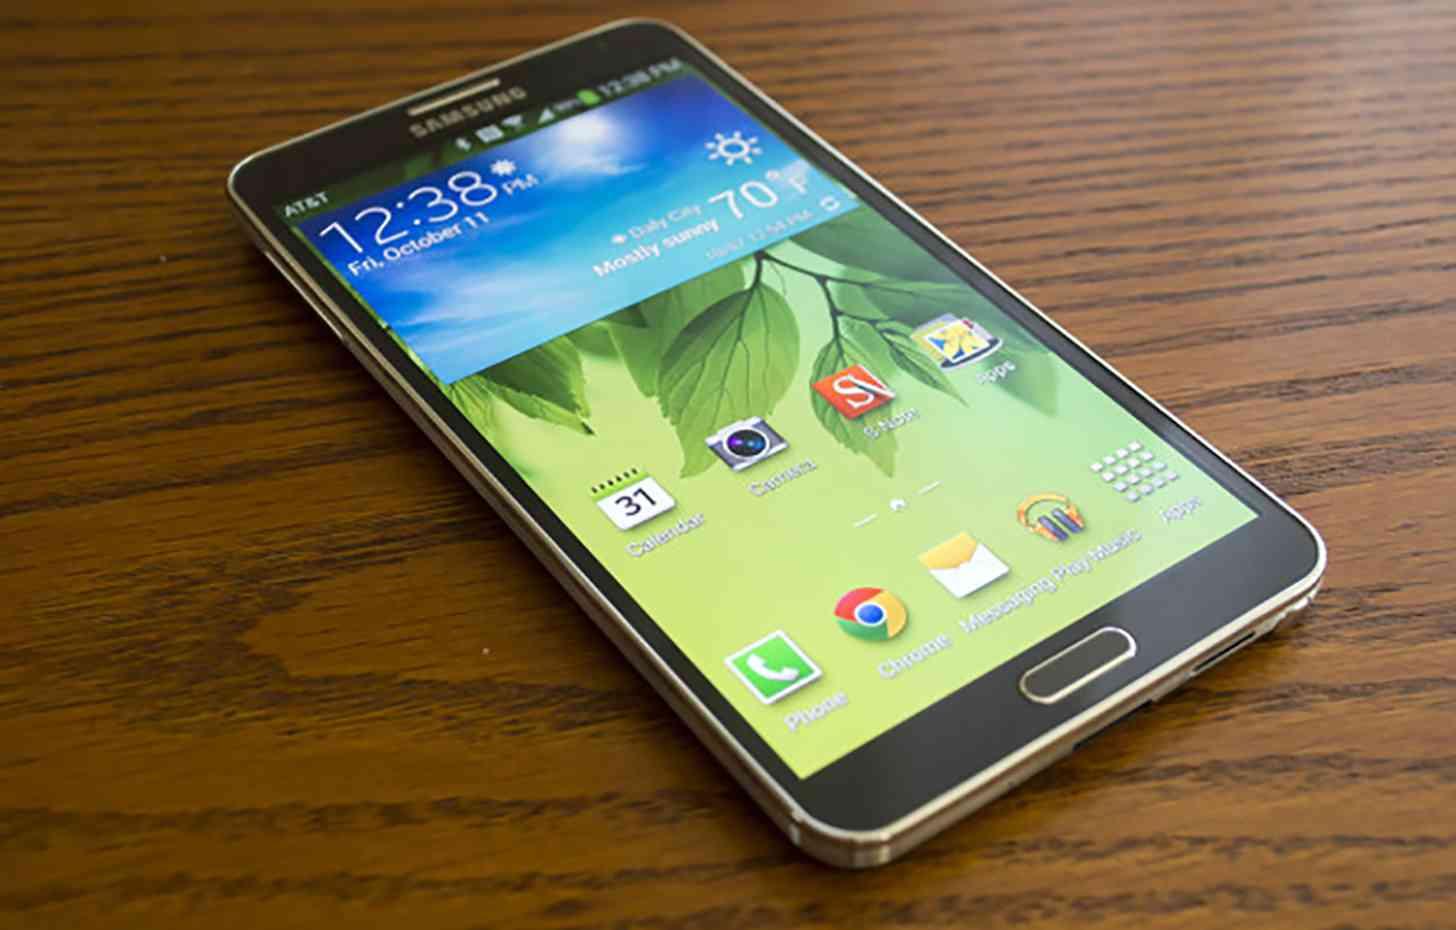 AT&T Samsung Galaxy Note 3